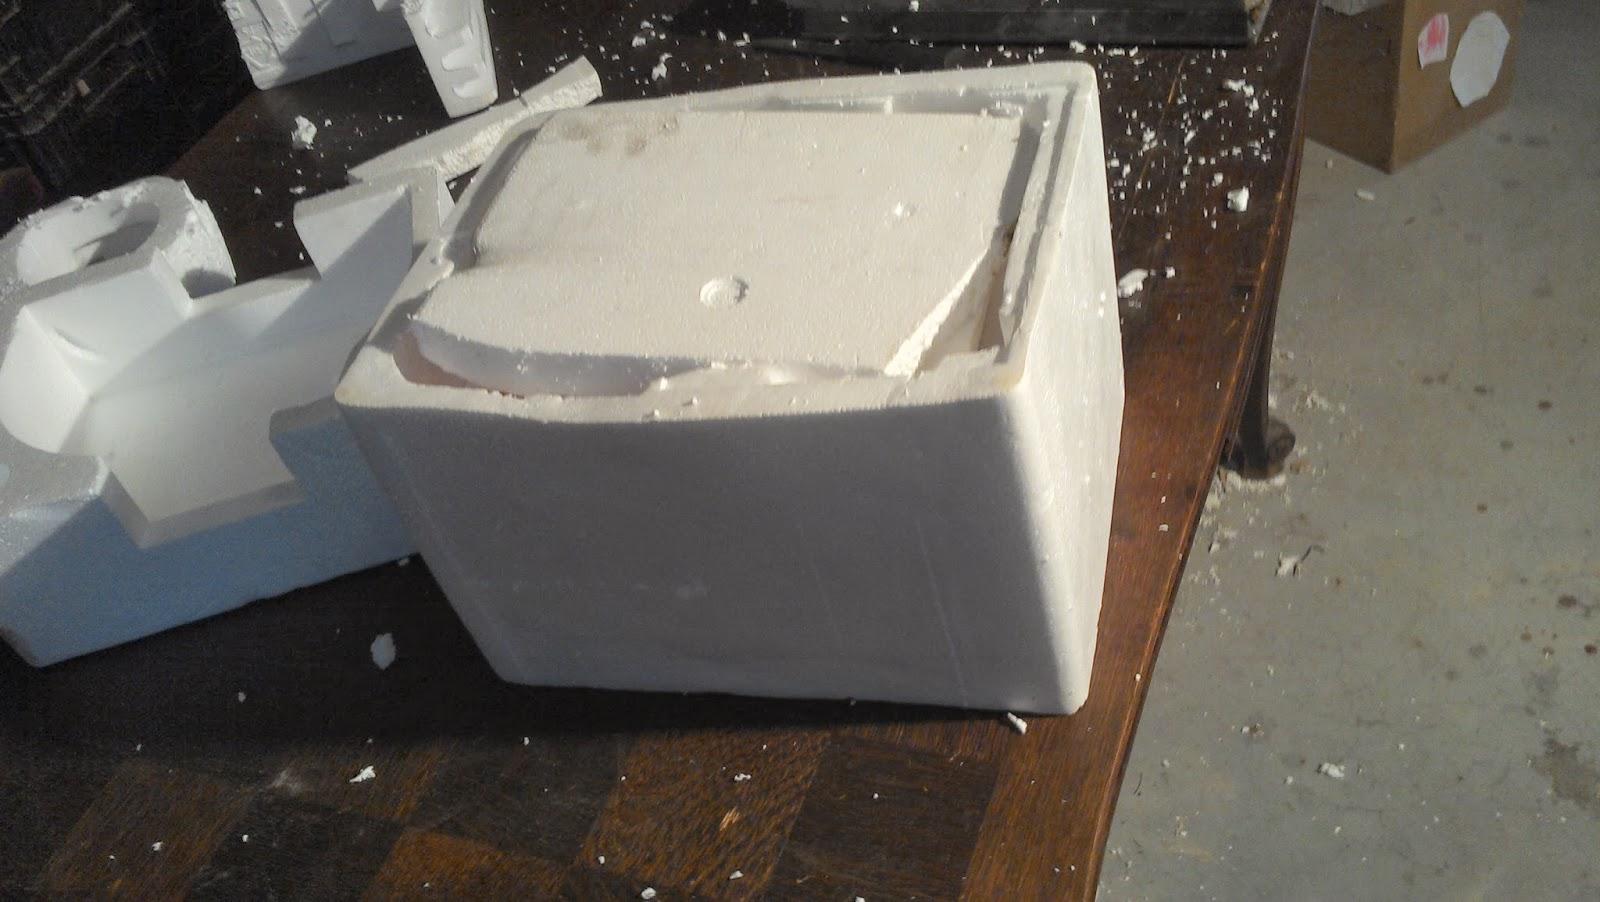 envoi en colissimo recommand emballage et conditionnement techniques d. Black Bedroom Furniture Sets. Home Design Ideas